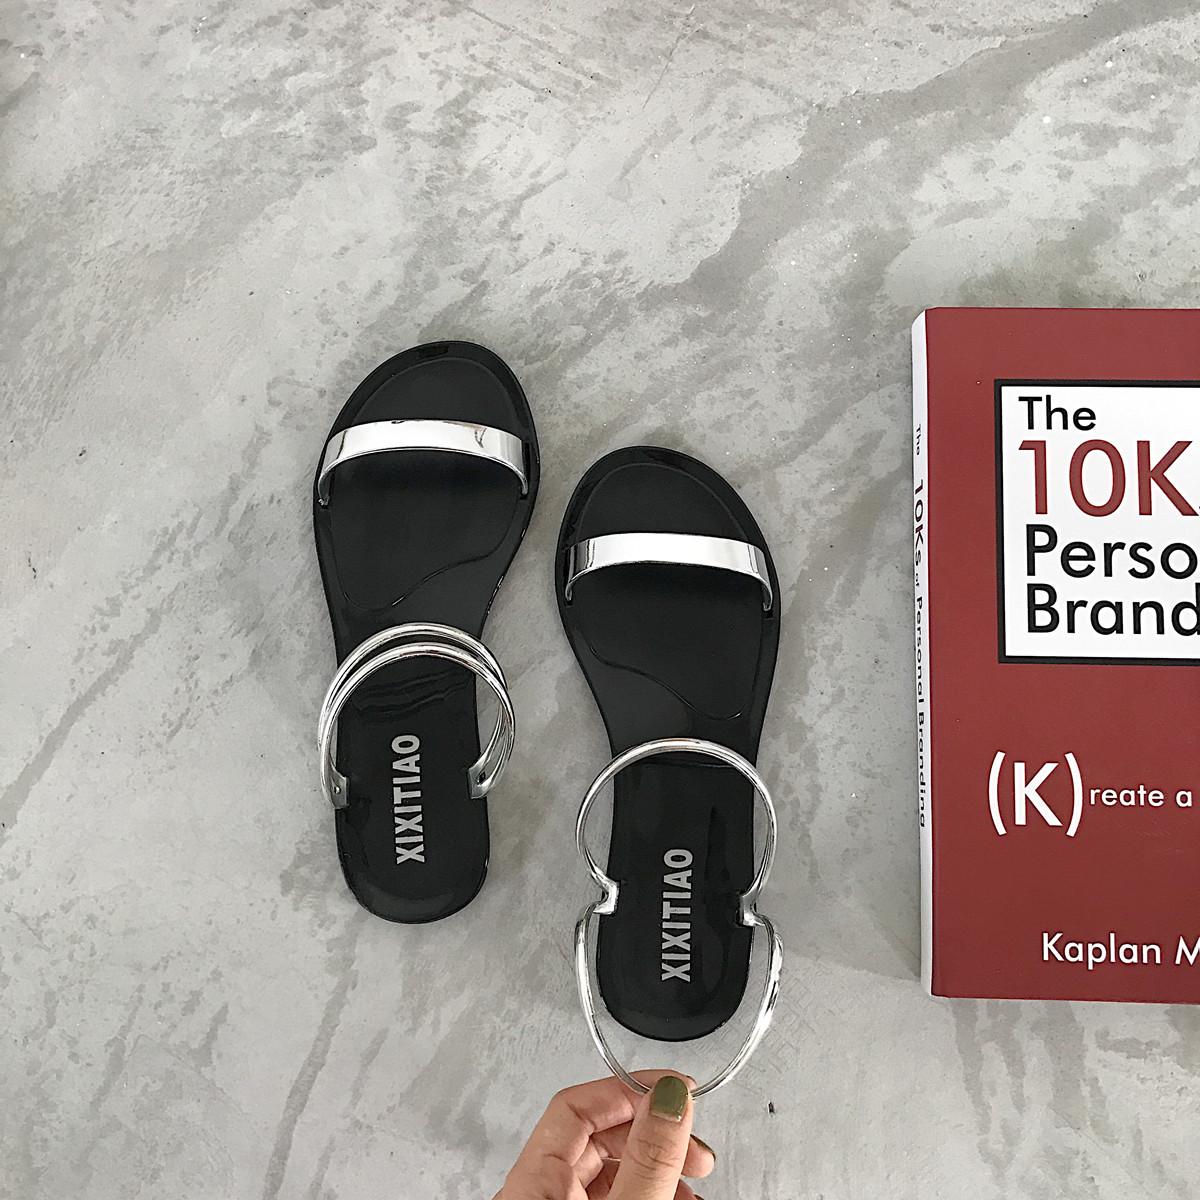 夏季韩版时尚新款平底休闲简约罗马学生两穿防滑百搭二字凉鞋女夏